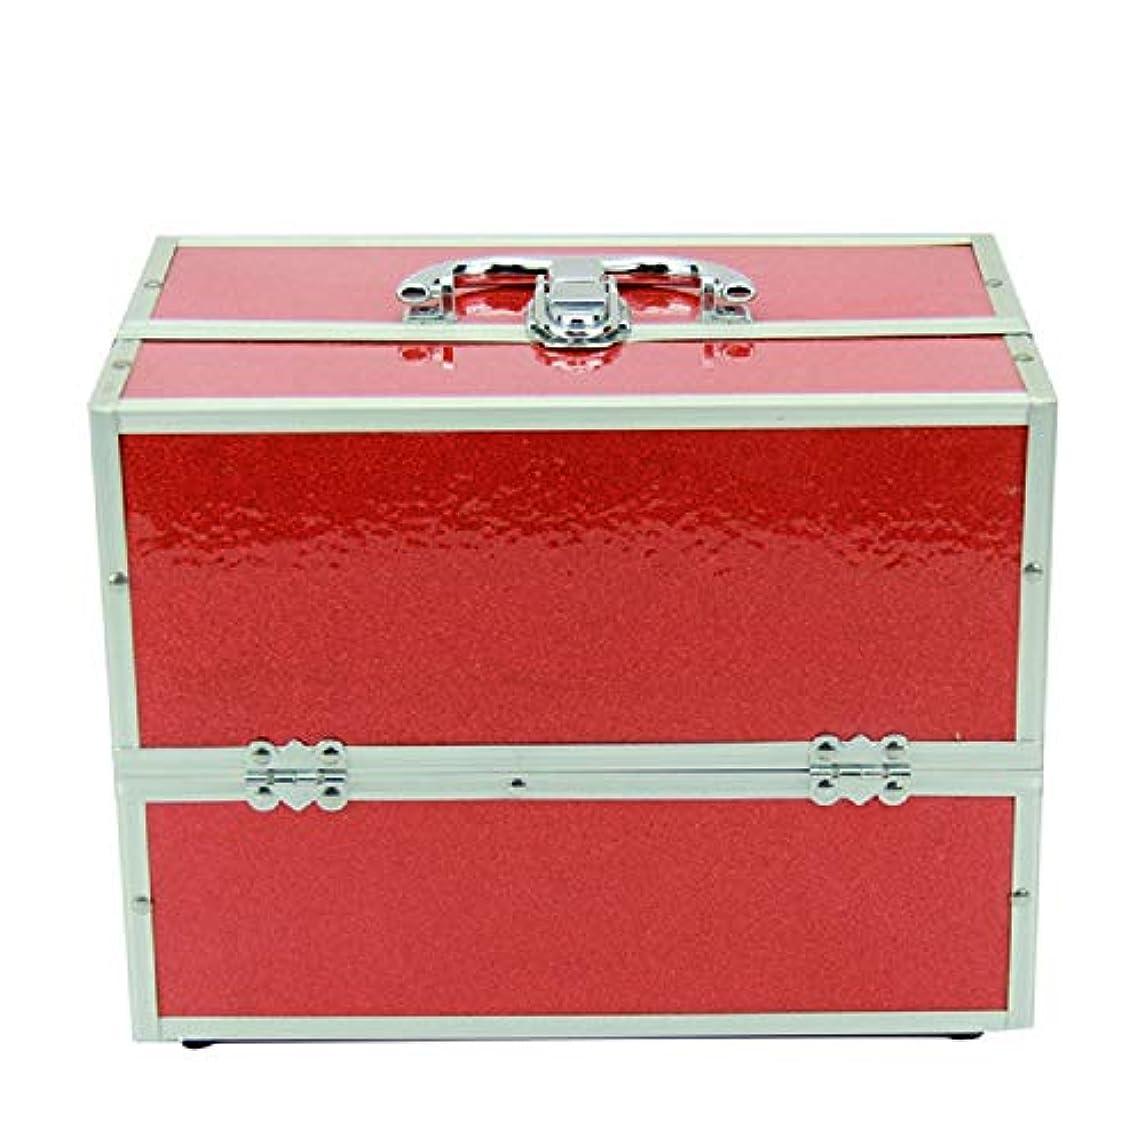 透明に中にトーク化粧オーガナイザーバッグ 純粋な色ポータブル化粧品ケーストラベルアクセサリーシャンプーボディウォッシュパーソナルアイテムストレージロックとスライディングトレイ 化粧品ケース